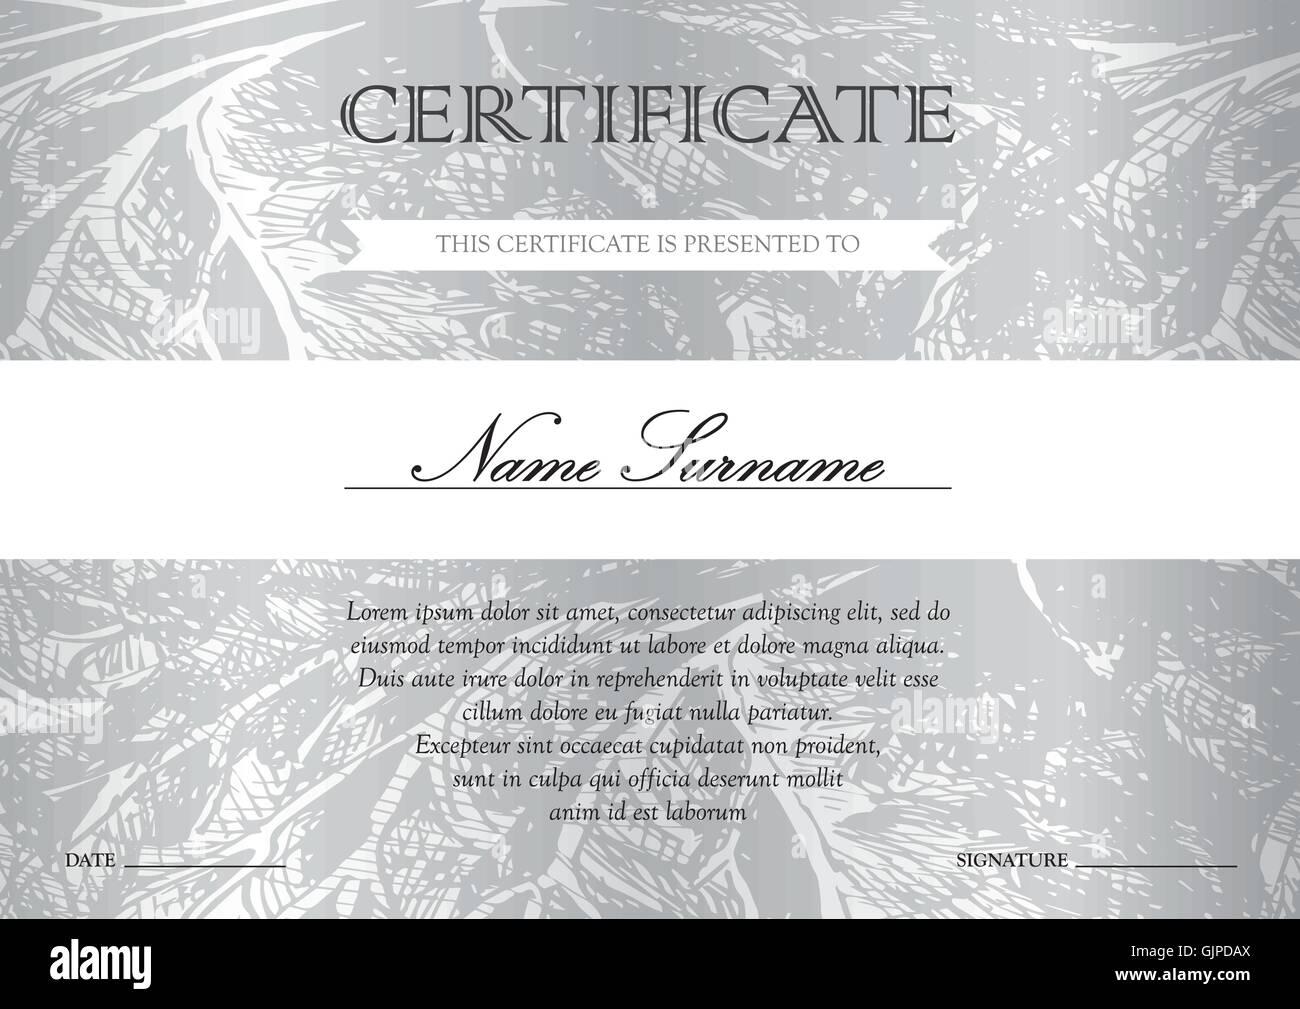 Ausgezeichnet Gewinner Zertifikat Vorlage Zeitgenössisch - Entry ...